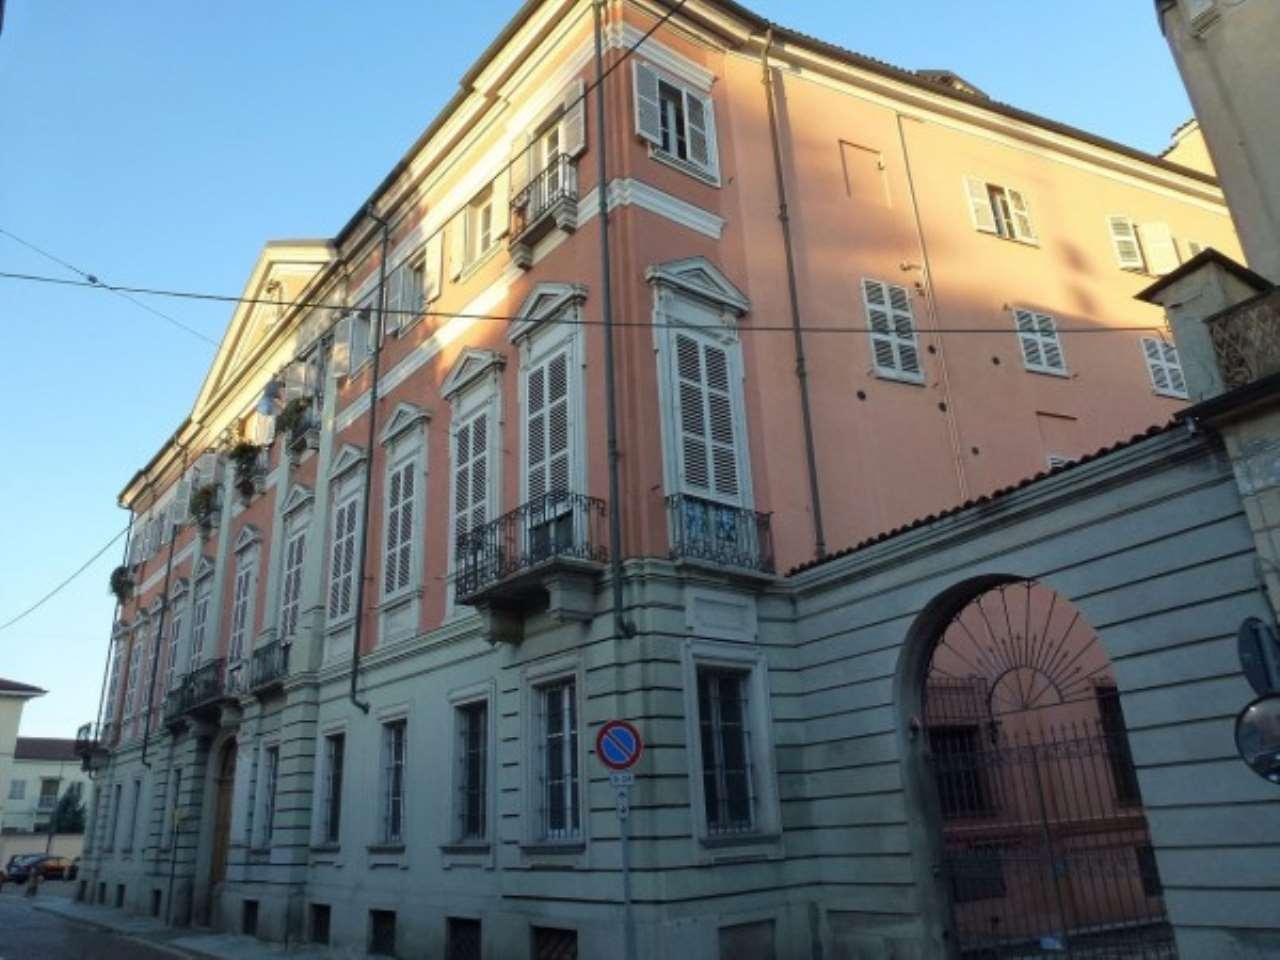 Attico / Mansarda in vendita a Vercelli, 6 locali, prezzo € 600.000   CambioCasa.it